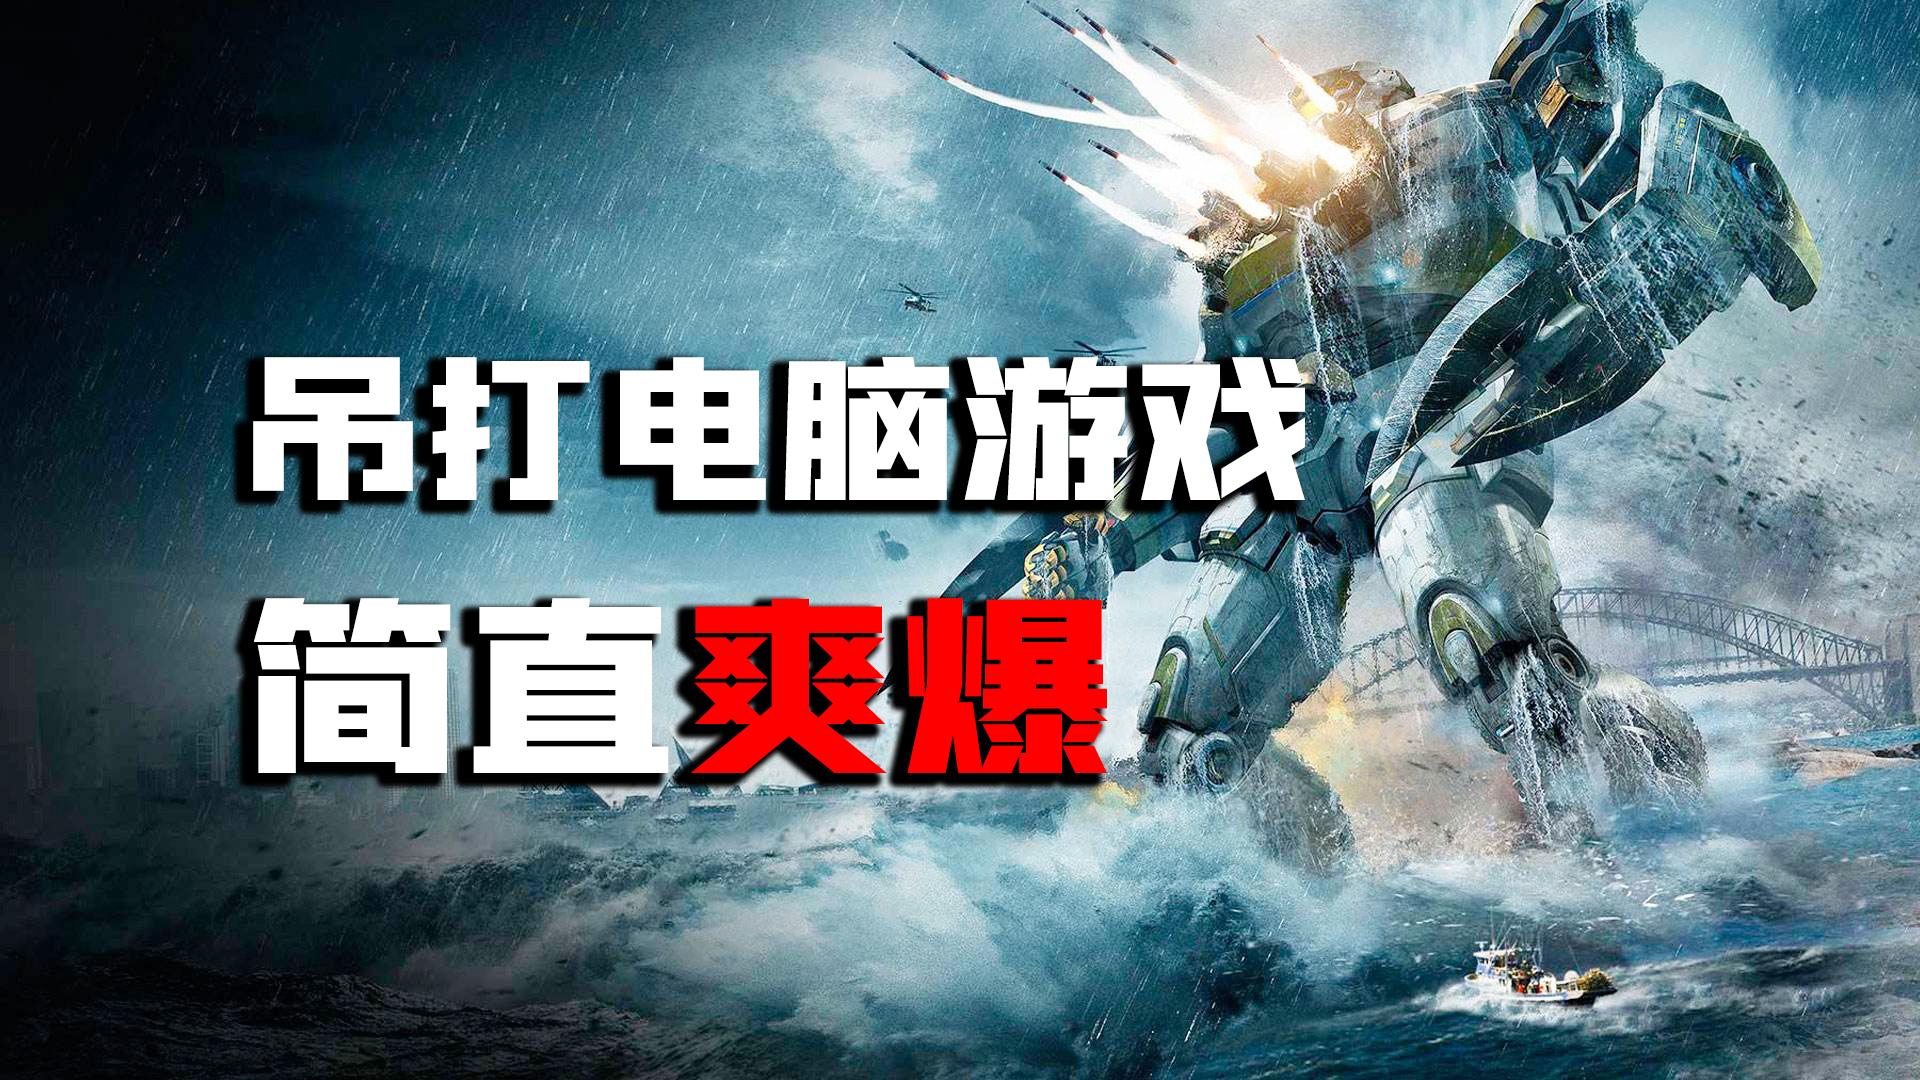 手游推荐:机器人战争手游,操纵机甲,比吃鸡更好玩!